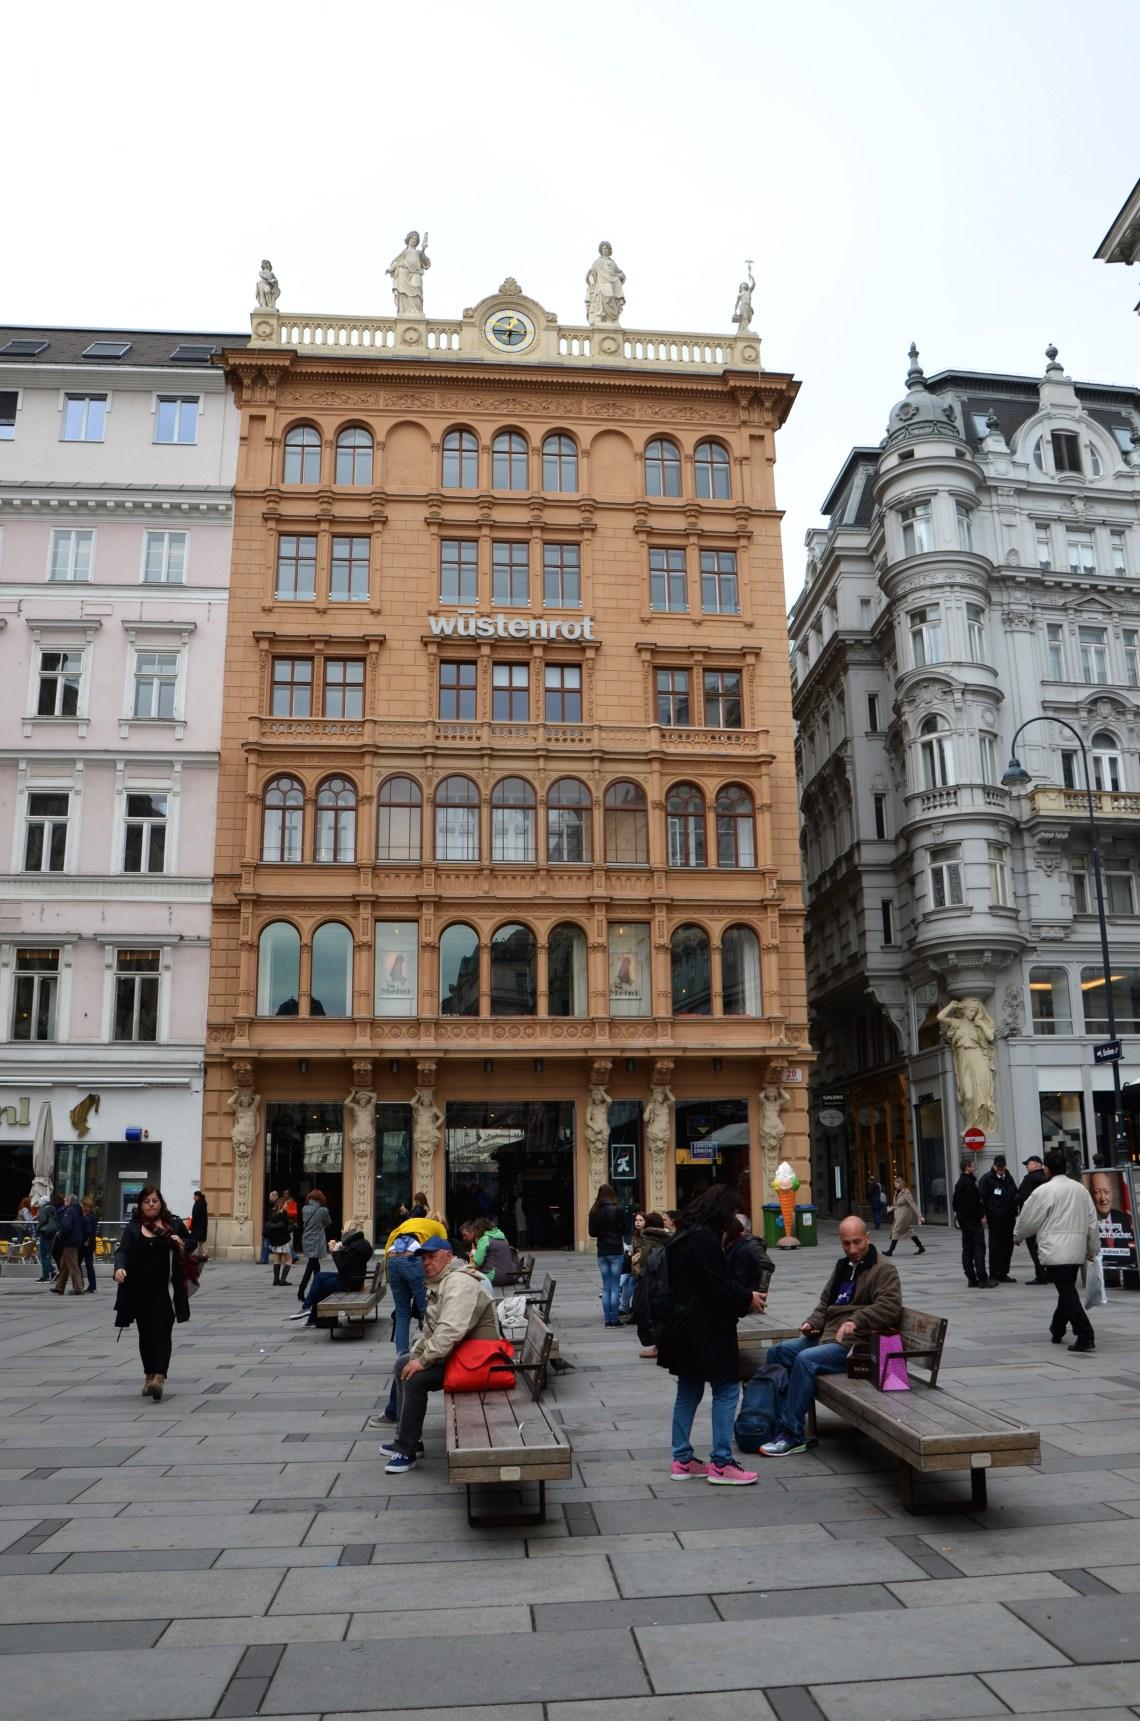 ruas comerciais - viena - pontos turisticos